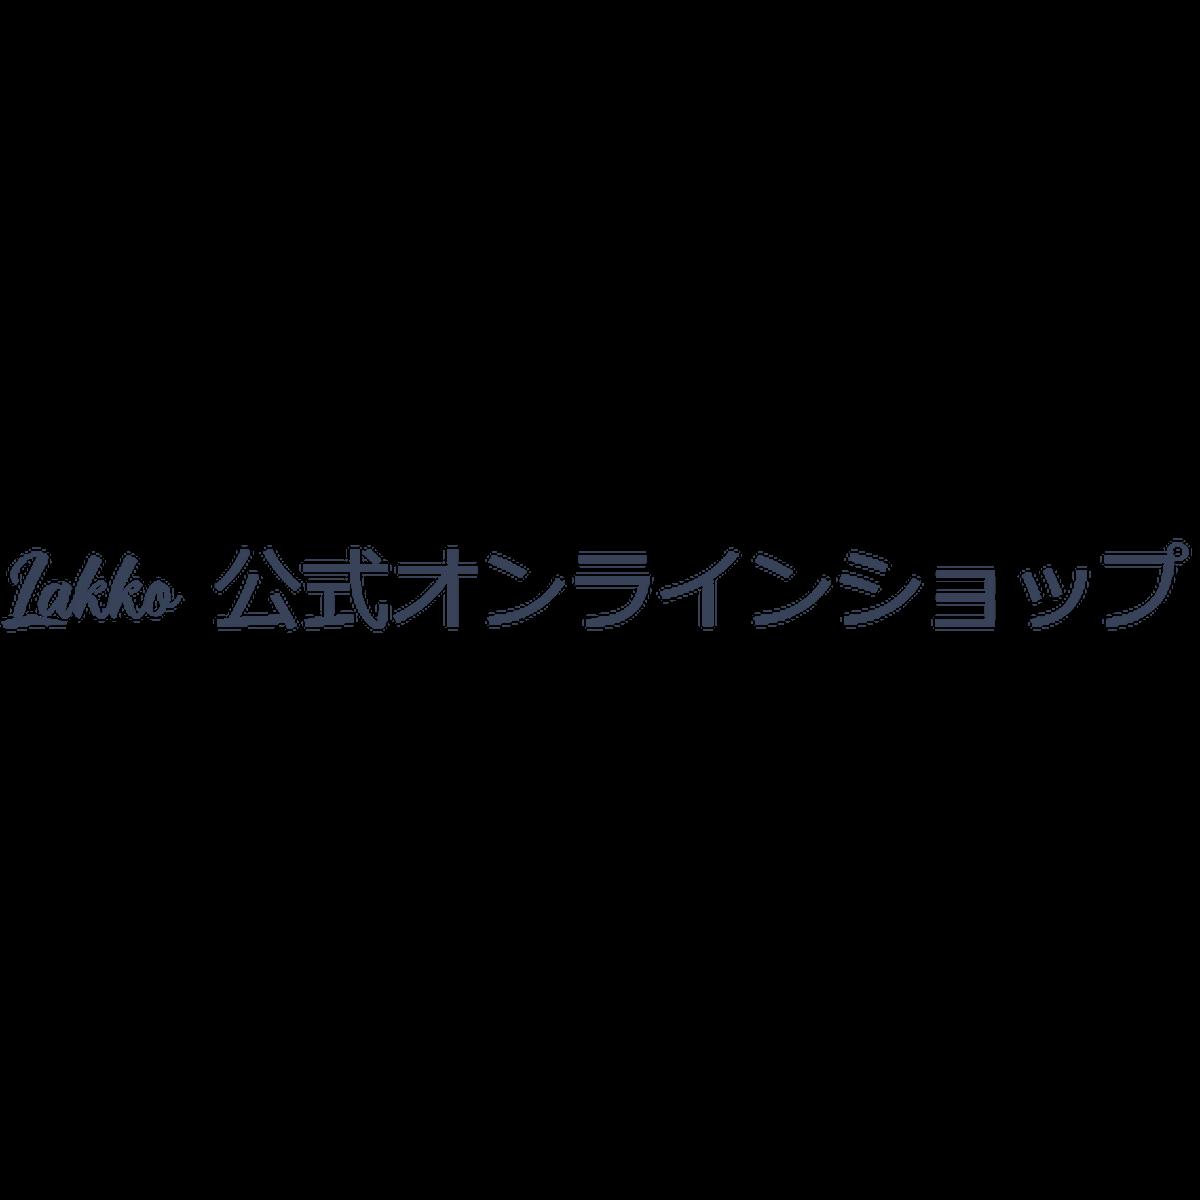 Lakko Logo